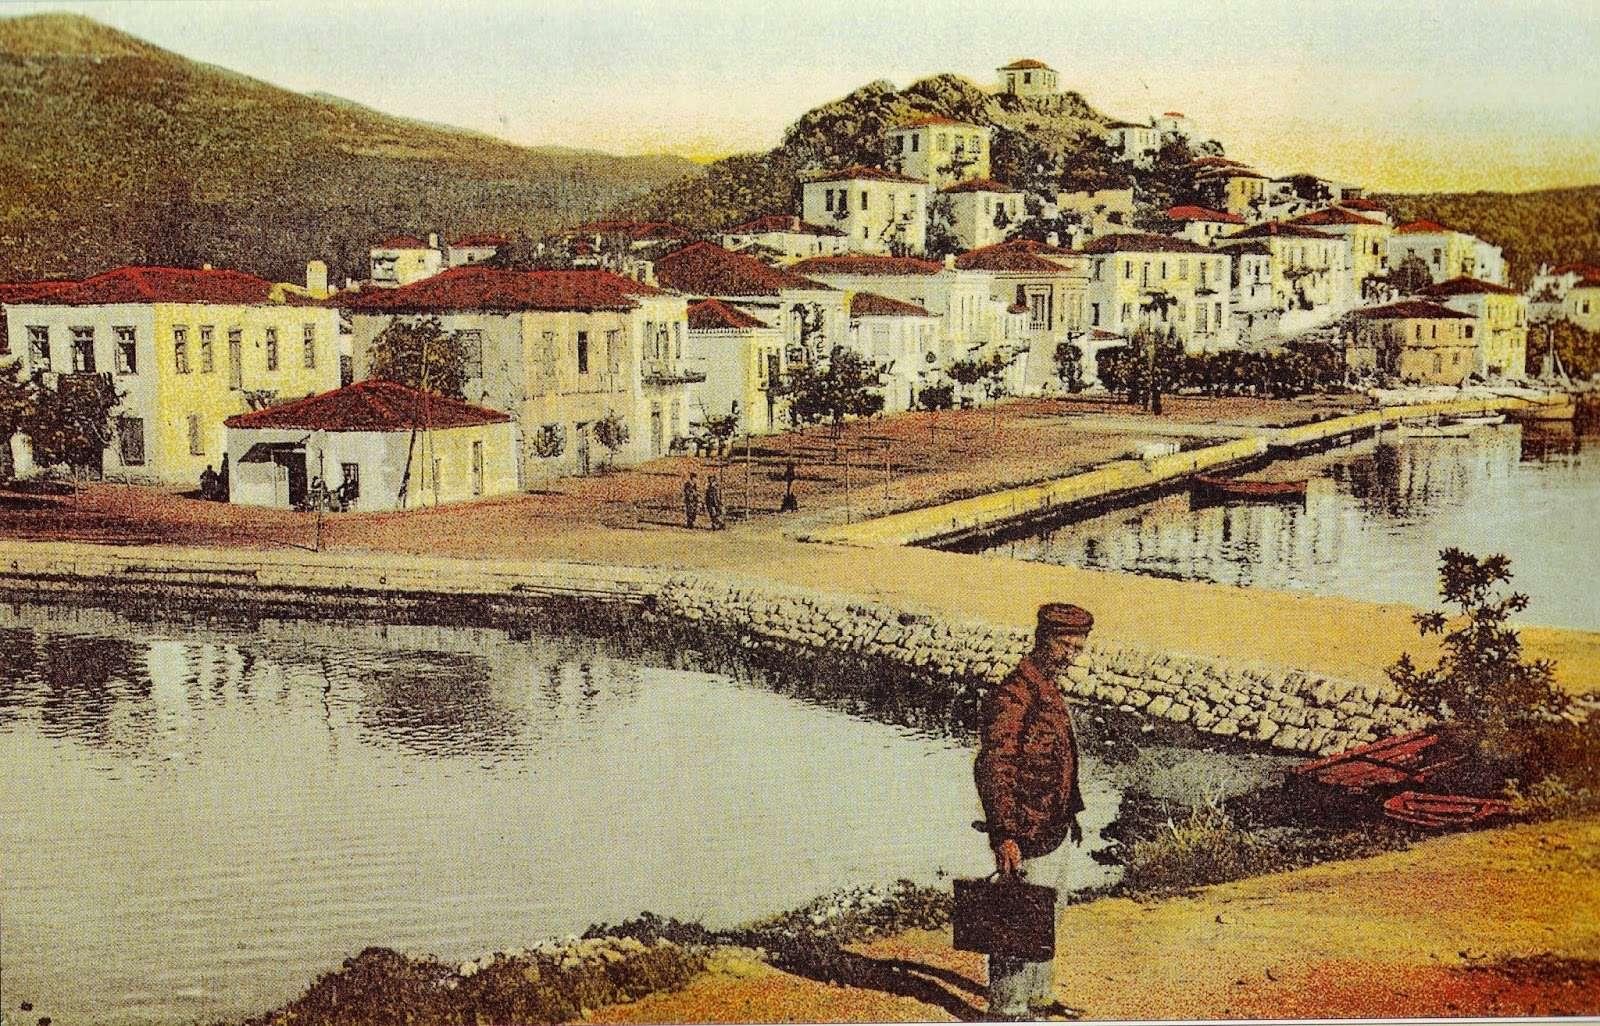 Το λιμάνι της Σκιάθου. Ταχυδρομική κάρτα – επιχρωματισμένη φωτογραφία του Στέφανου Στουρνάρα, εποχής 1910-1920.